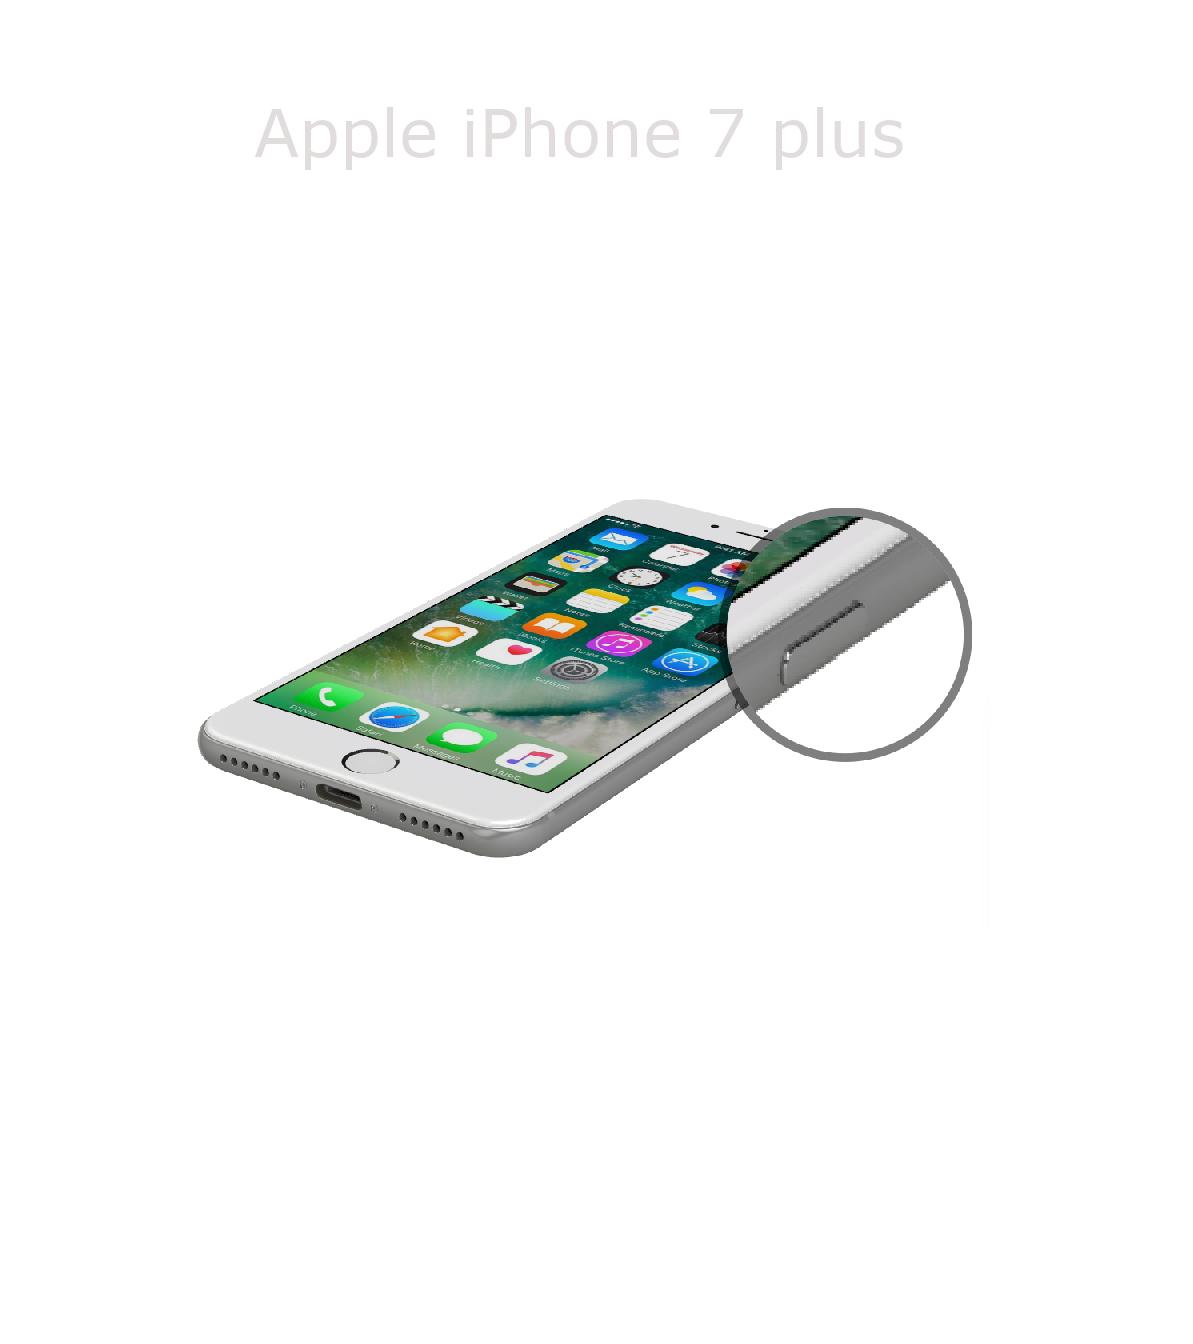 Laga on/offknapp iPhone 7 plus